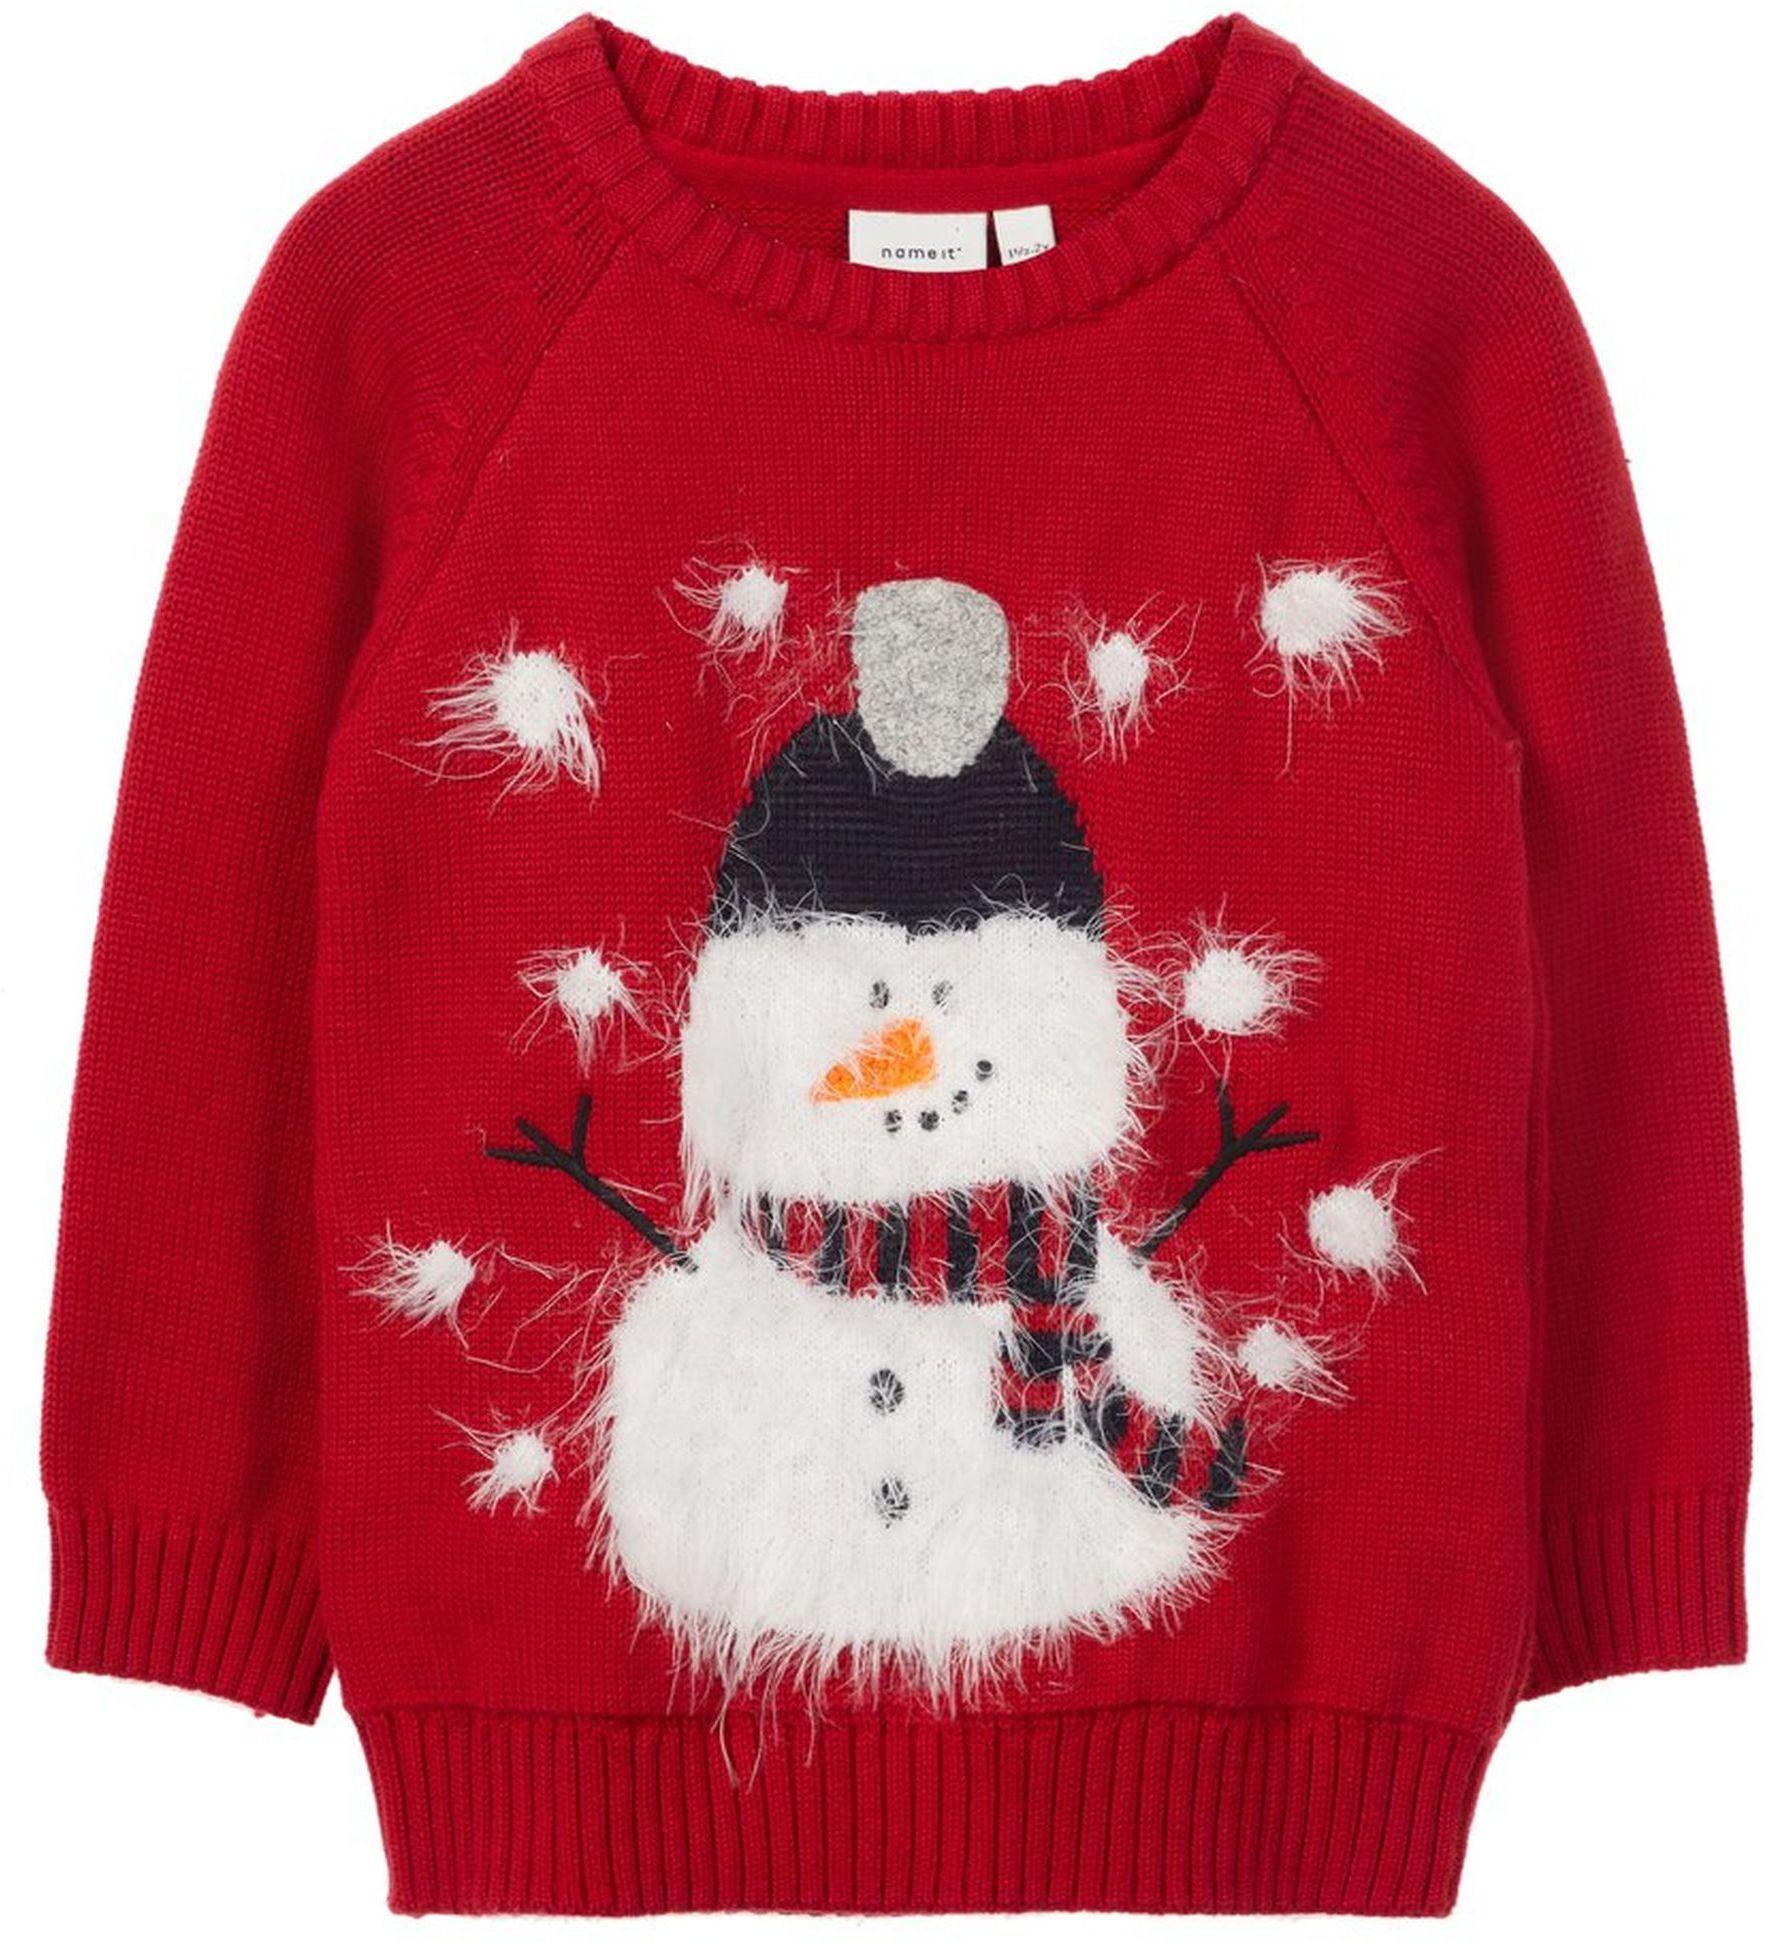 d9355649 Best pris på Name It Mini Christmas Pullover - Se priser før kjøp i  Prisguiden